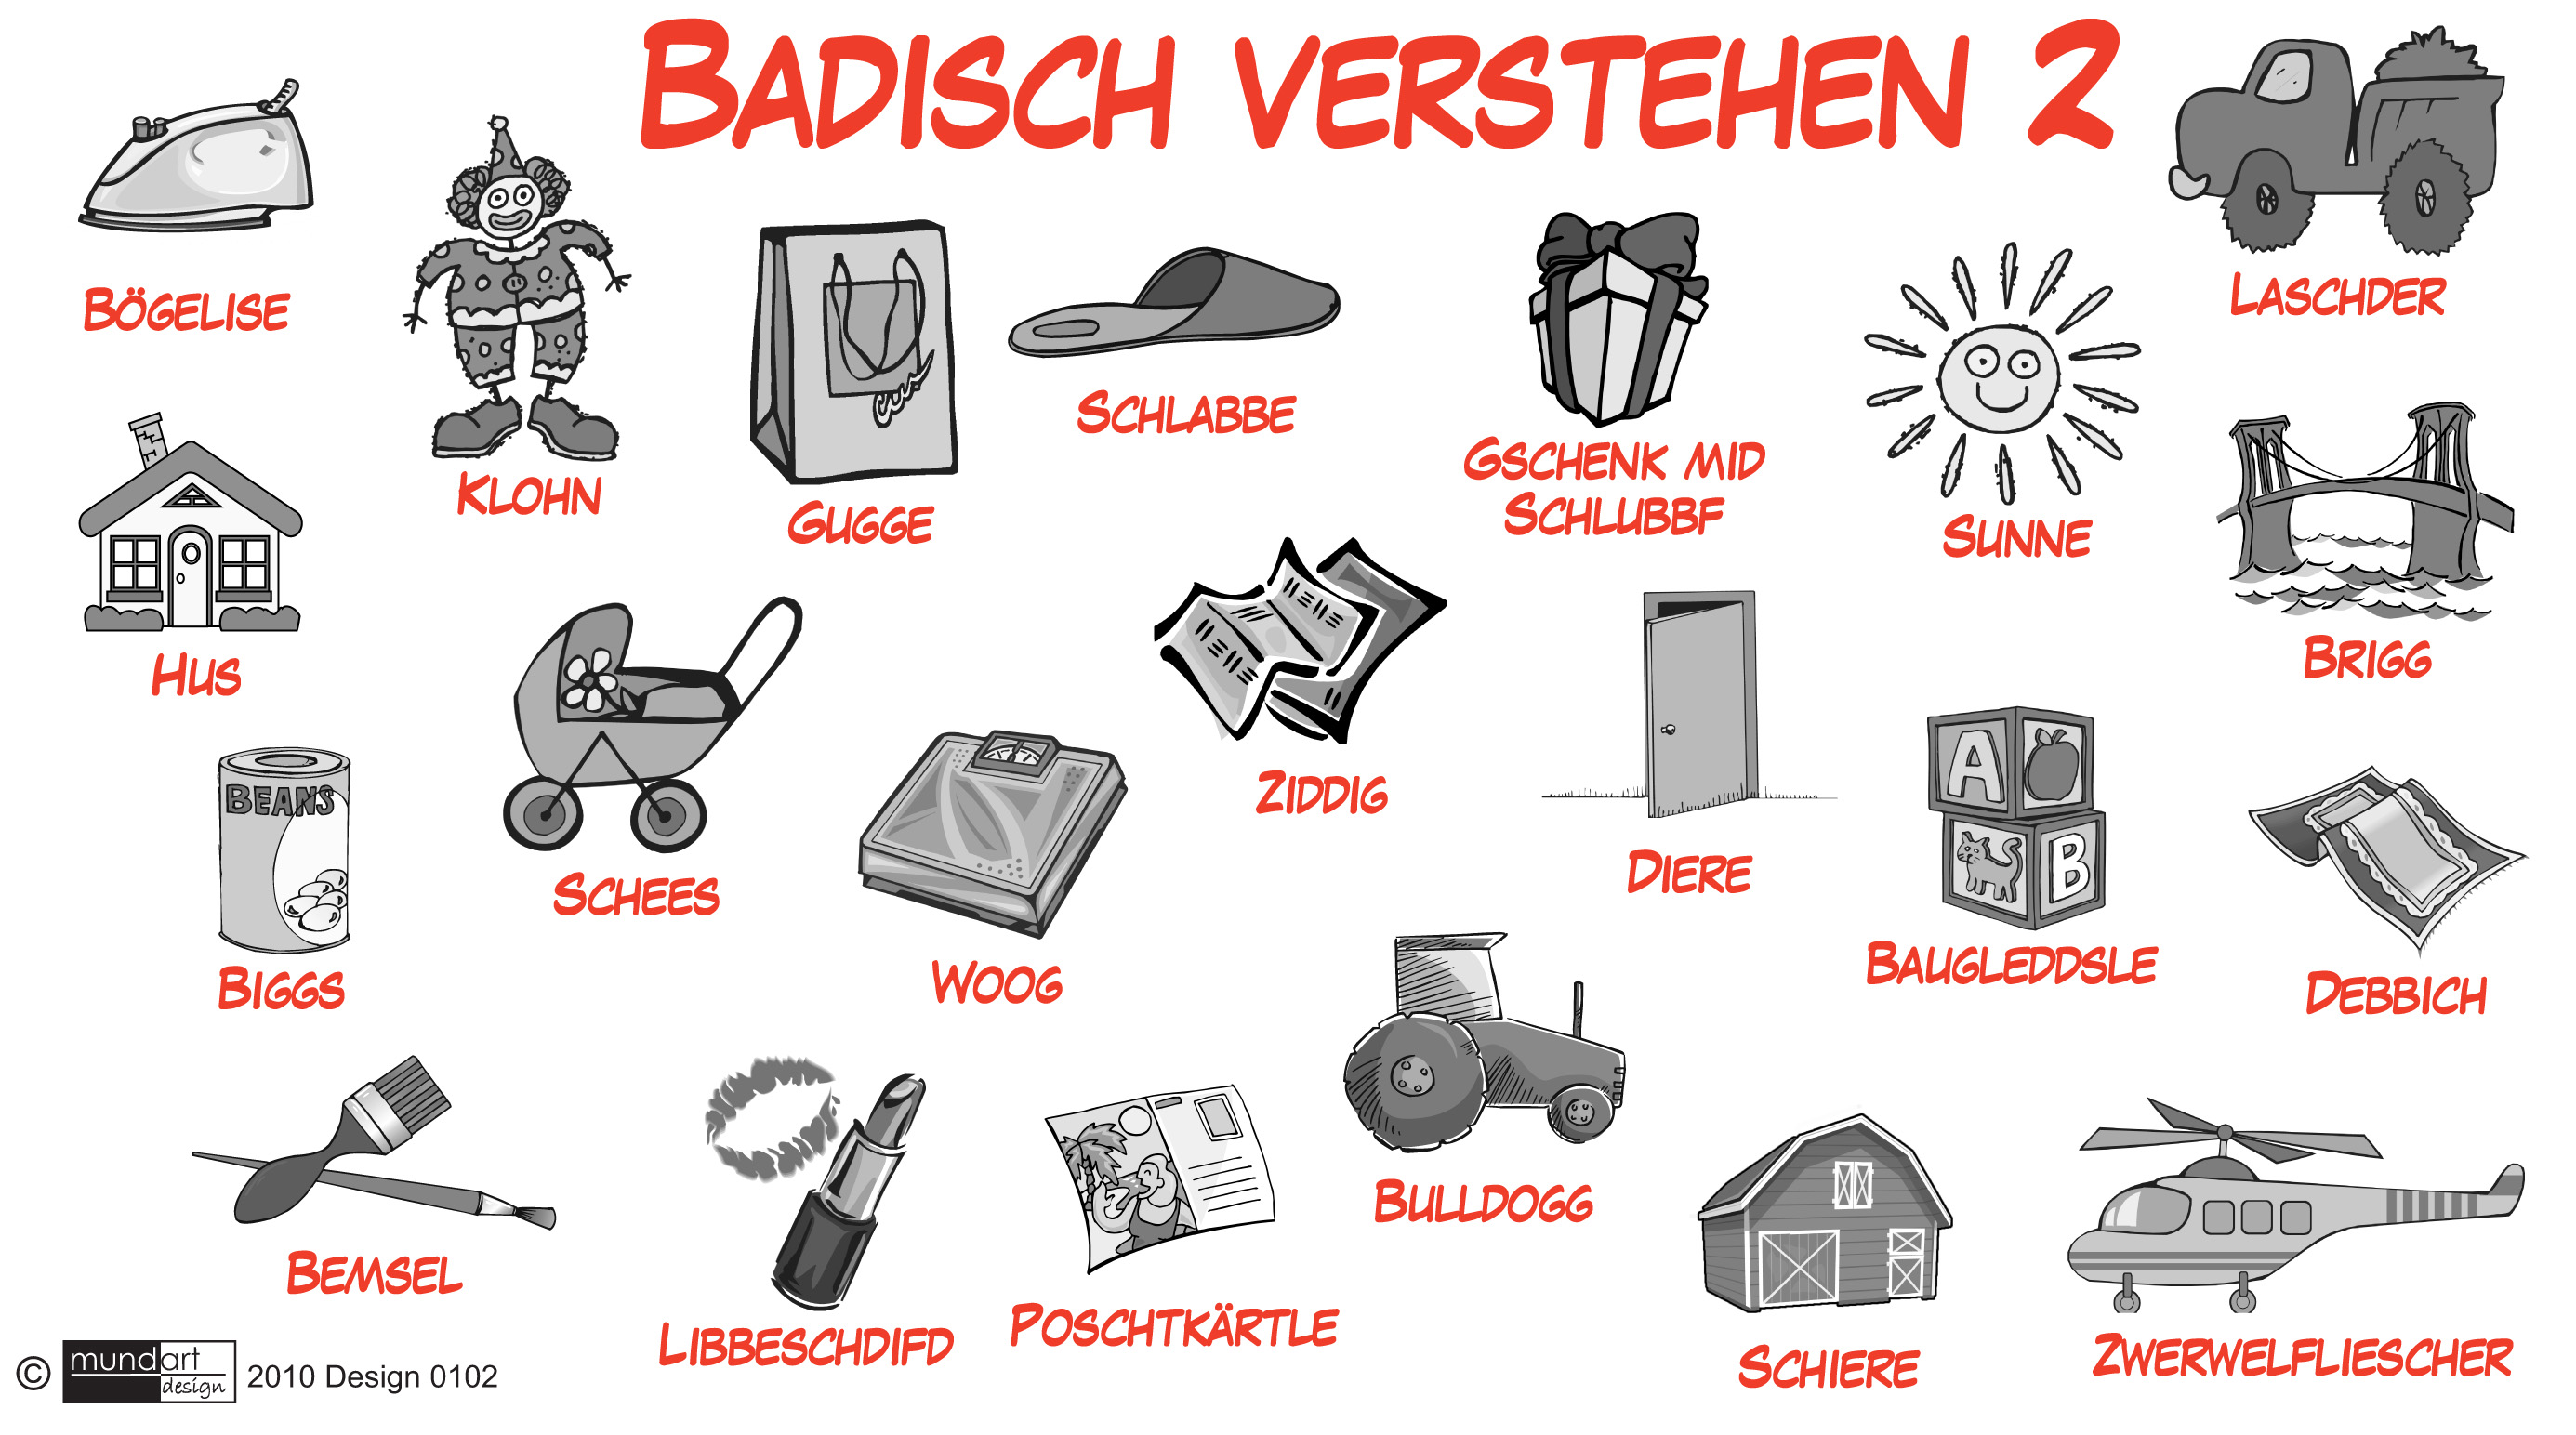 Badisch Wörterbuch